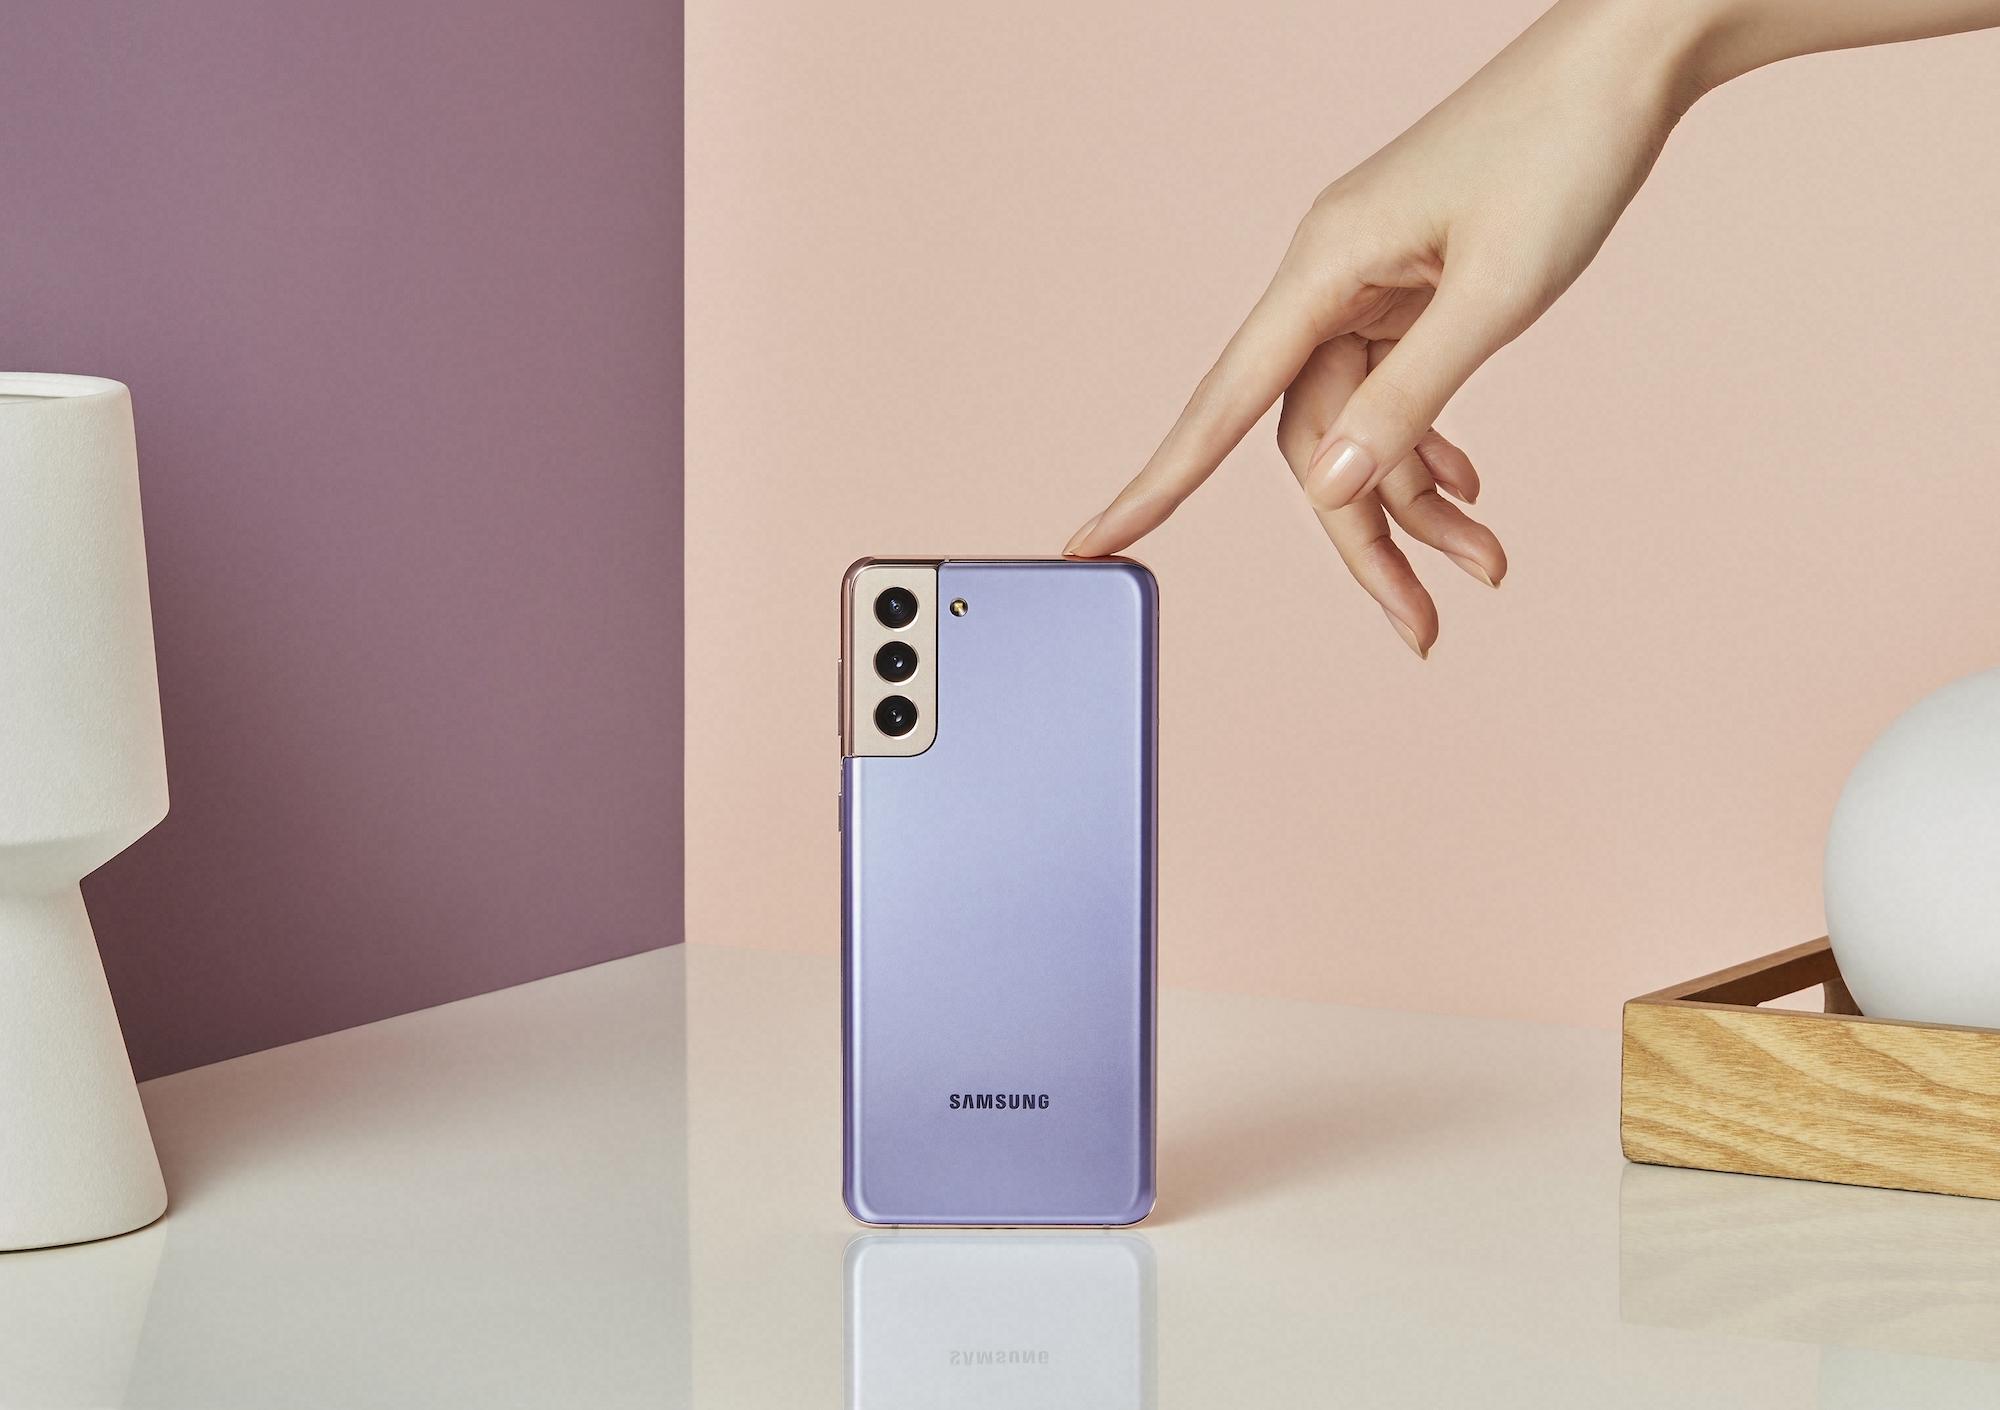 Cerita di Balik Warna Phantom Violet di Samsung Galaxy S21 Series 5G